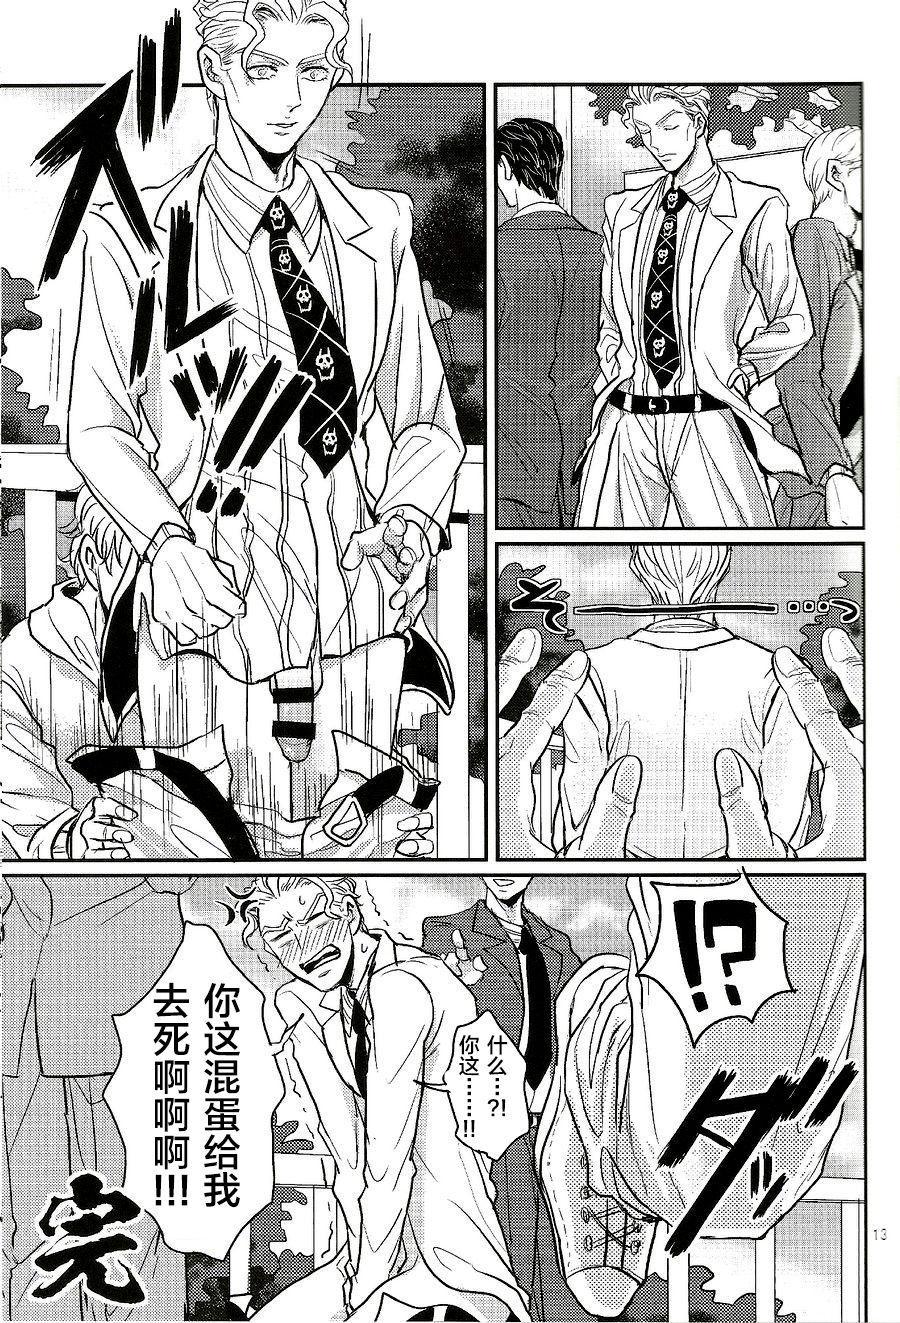 (C86) [Last Crime (U)] Jimoto de Itazura 4-renpatsu! Mori○chou de Mitsuketa S-kyuu Ryman Kira Yoshikage (33) (JoJo's Bizarre Adventure) [Chinese] [新桥月白日语社] 11